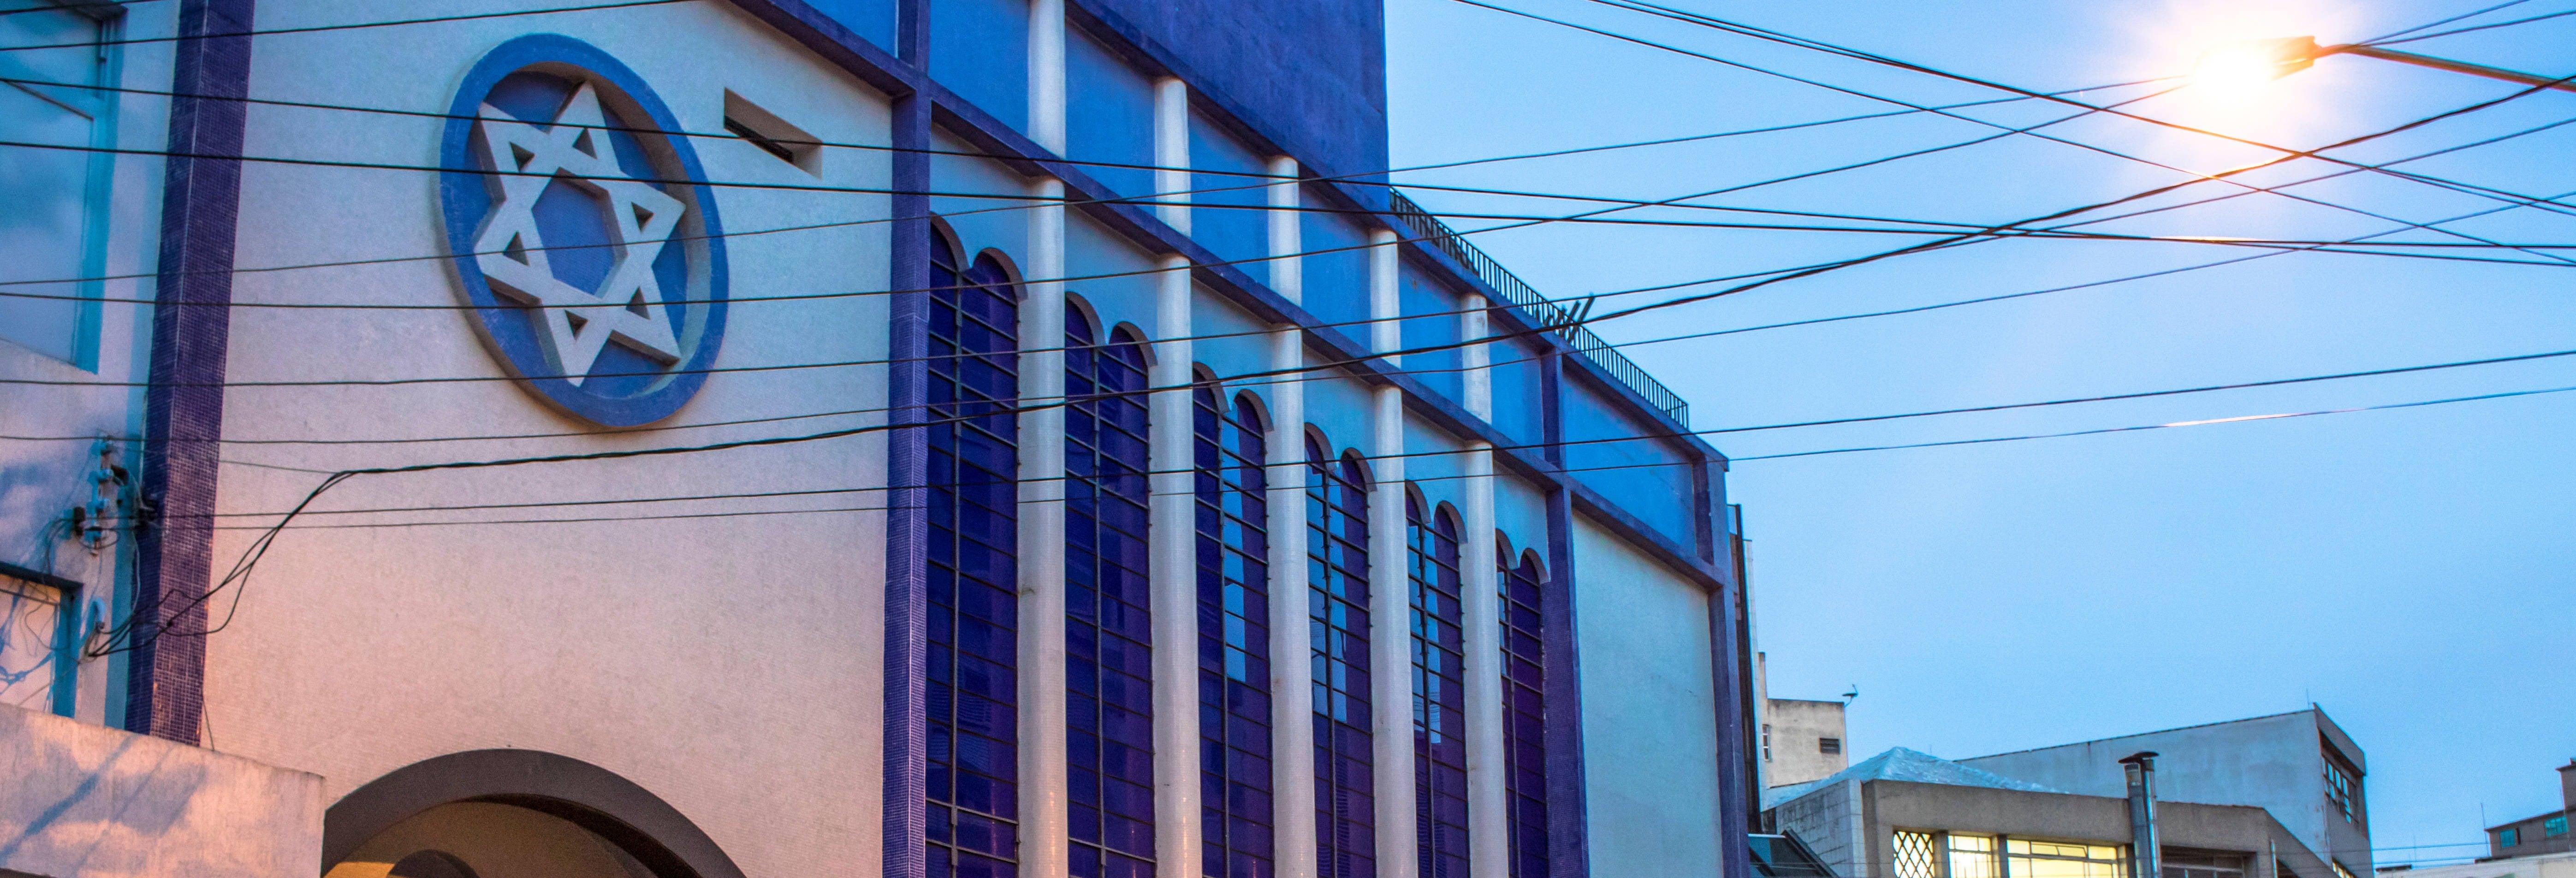 Tour privado de la cultura judía por Sao Paulo